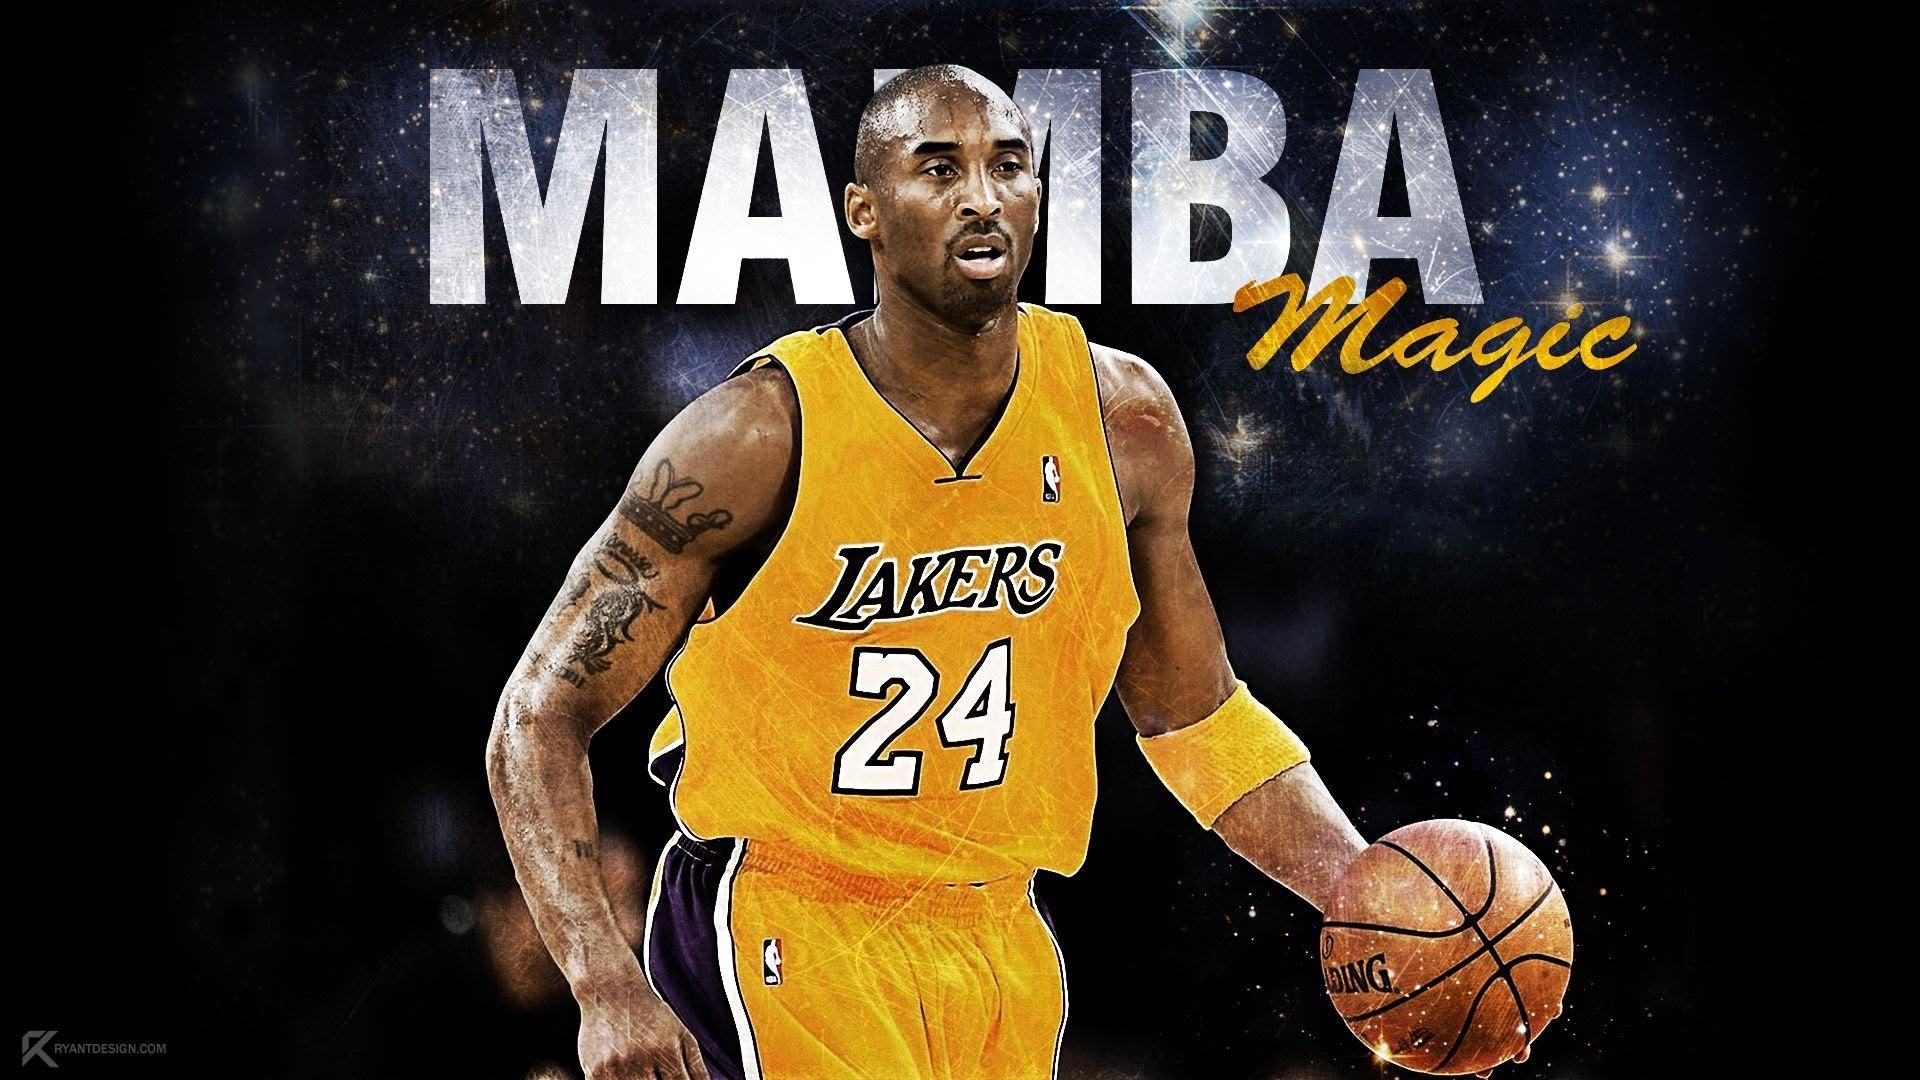 Đính chính sự việc Kobe Bryant trở lại Los Angeles Lakers để làm đồng đội với LeBron James